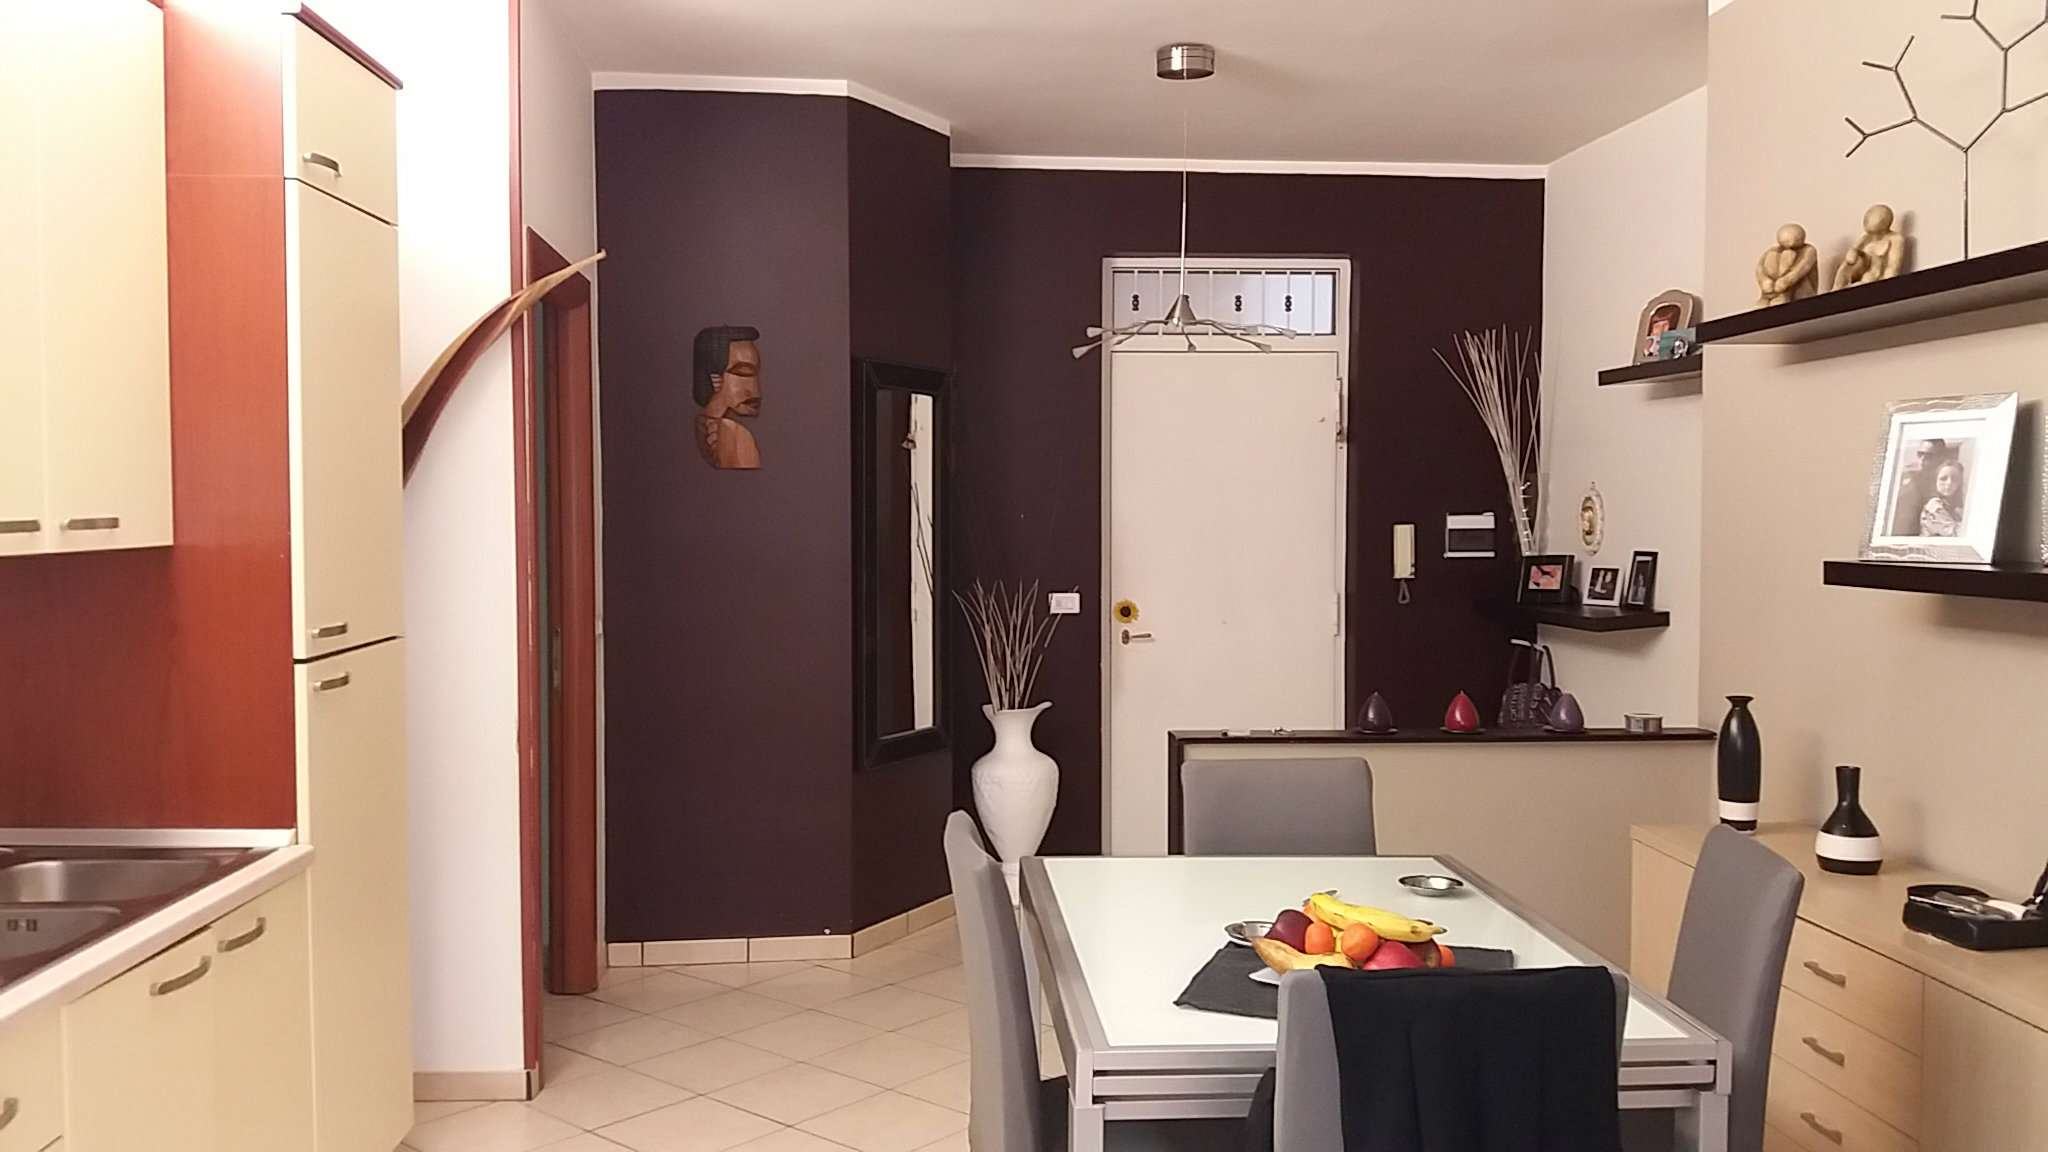 Palazzo / Stabile in vendita a Giugliano in Campania, 30 locali, prezzo € 650.000 | Cambio Casa.it